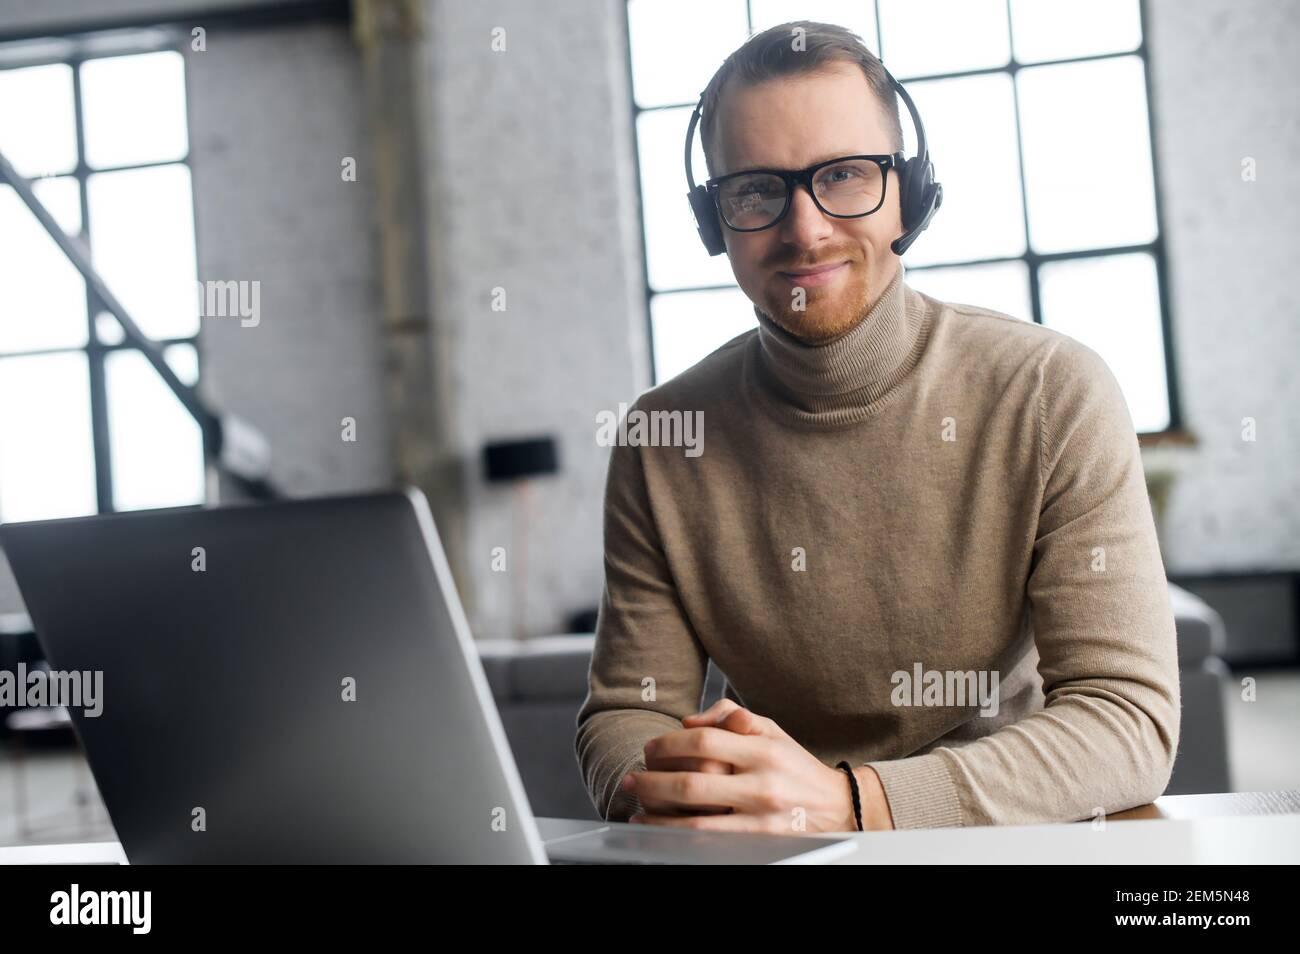 Un operador seguro con auriculares y gafas, mirando la cámara, sentado en el portátil, trabajador del año, disfruta de su trabajo, lugar de trabajo, escuchando al cliente atentamente, puede resolver su solicitud Foto de stock